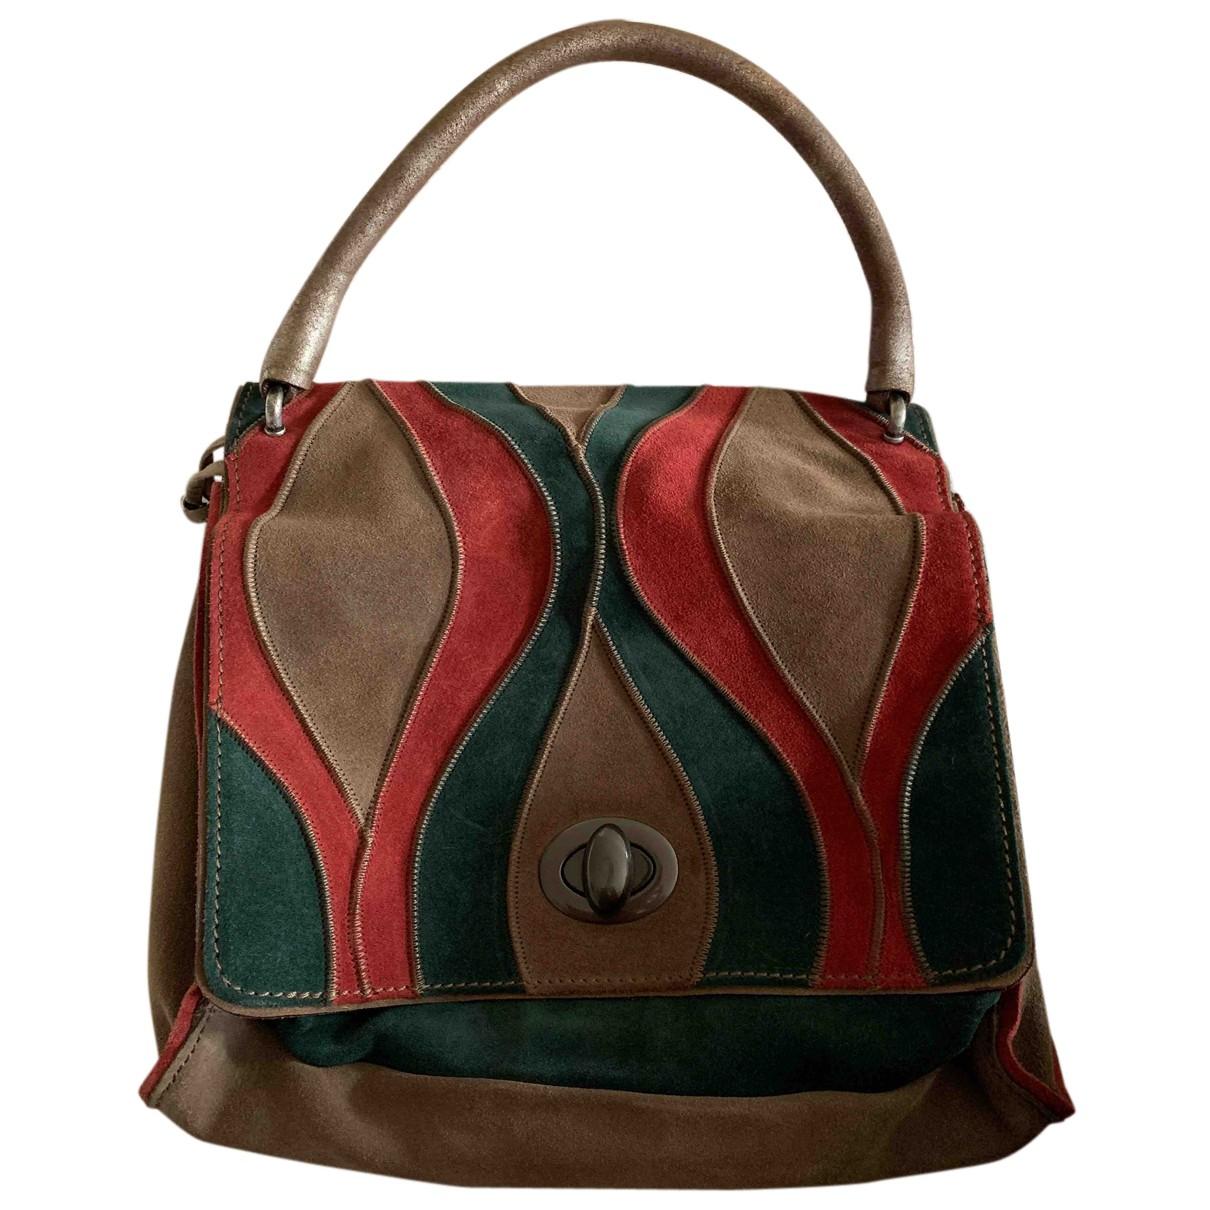 Maliparmi - Sac a main   pour femme en cuir